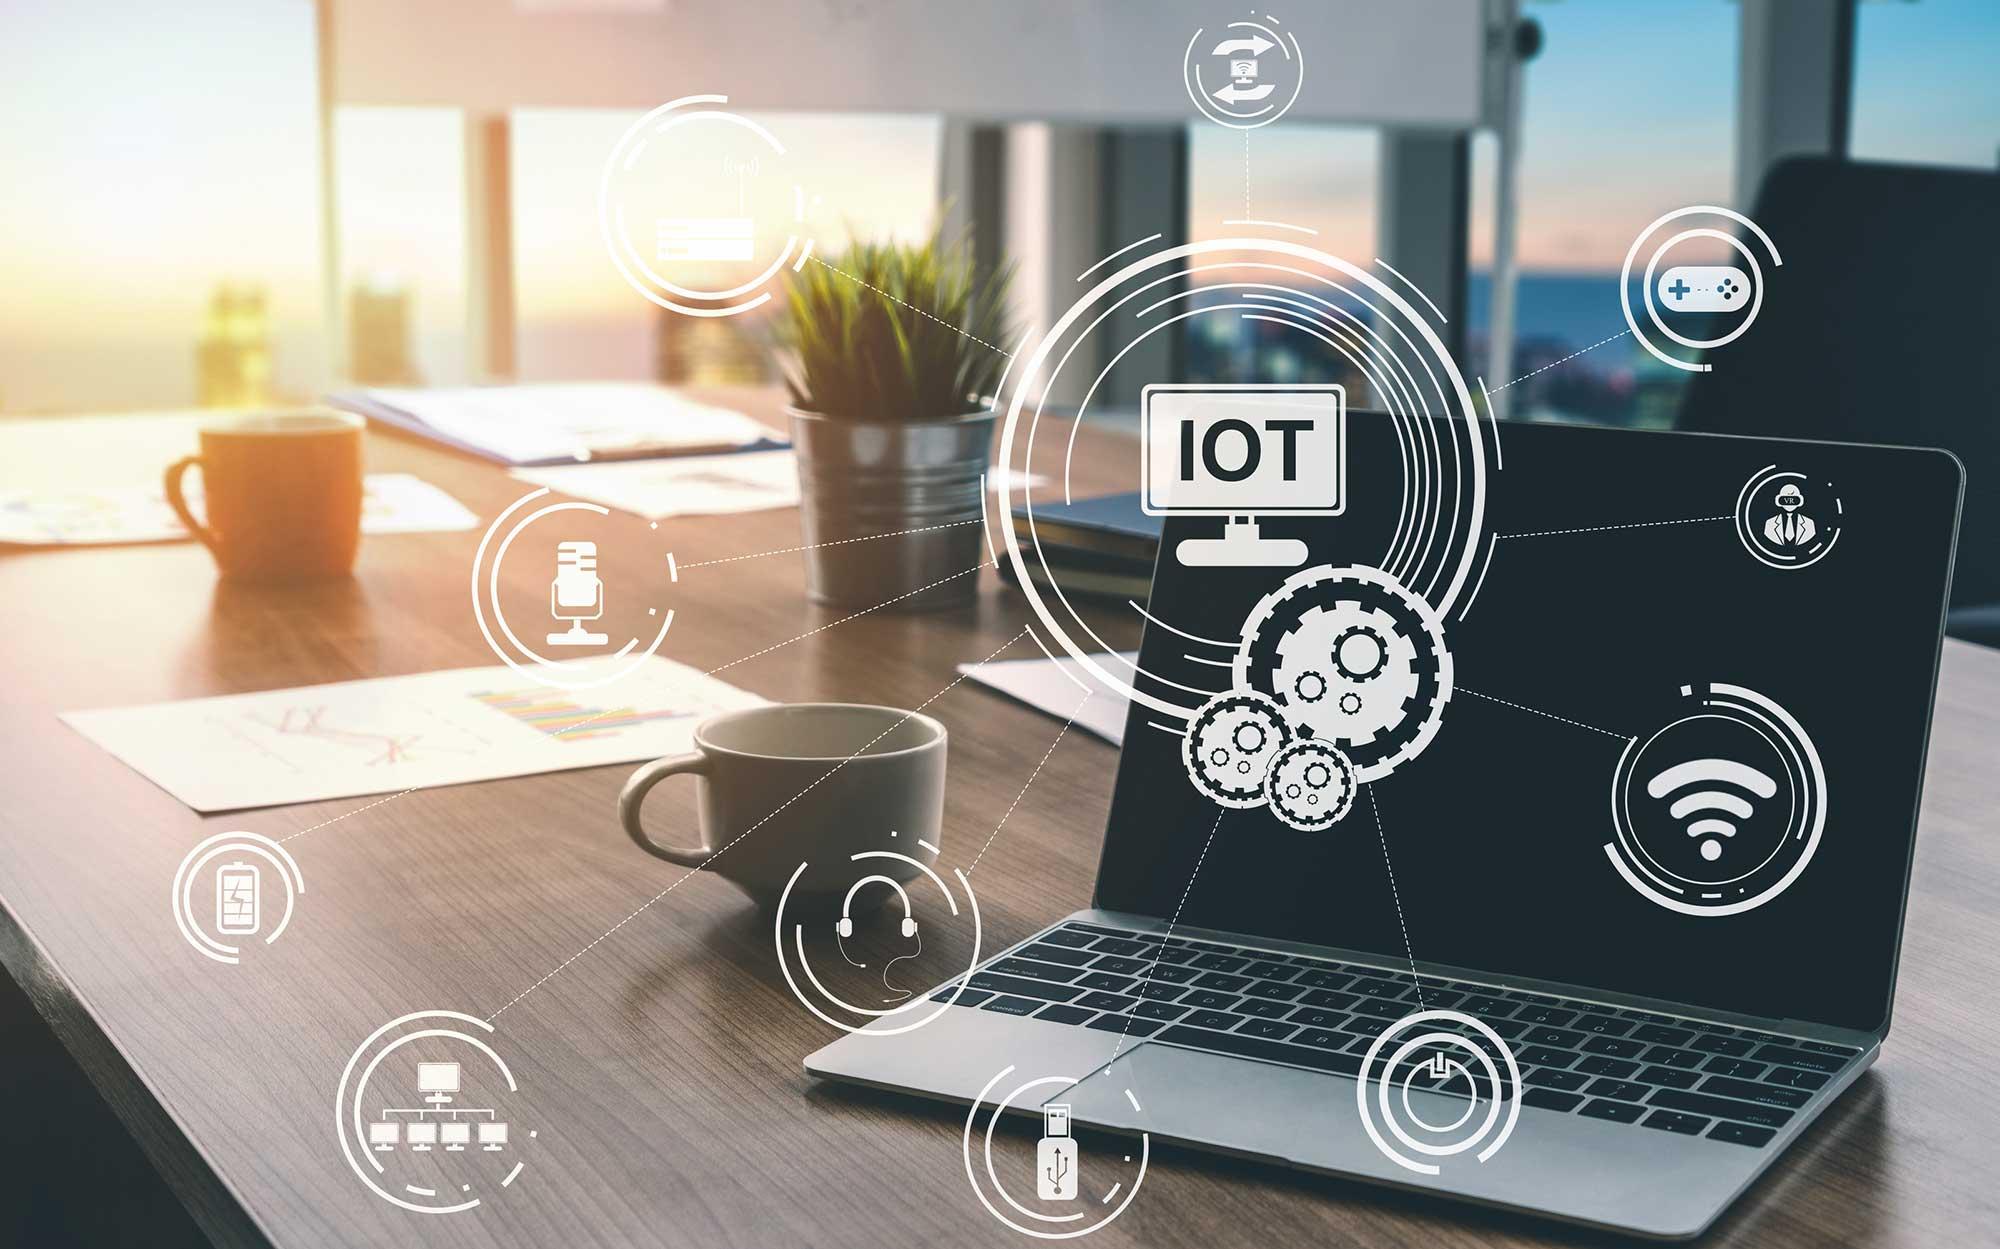 internet des objets connectés (IoT)